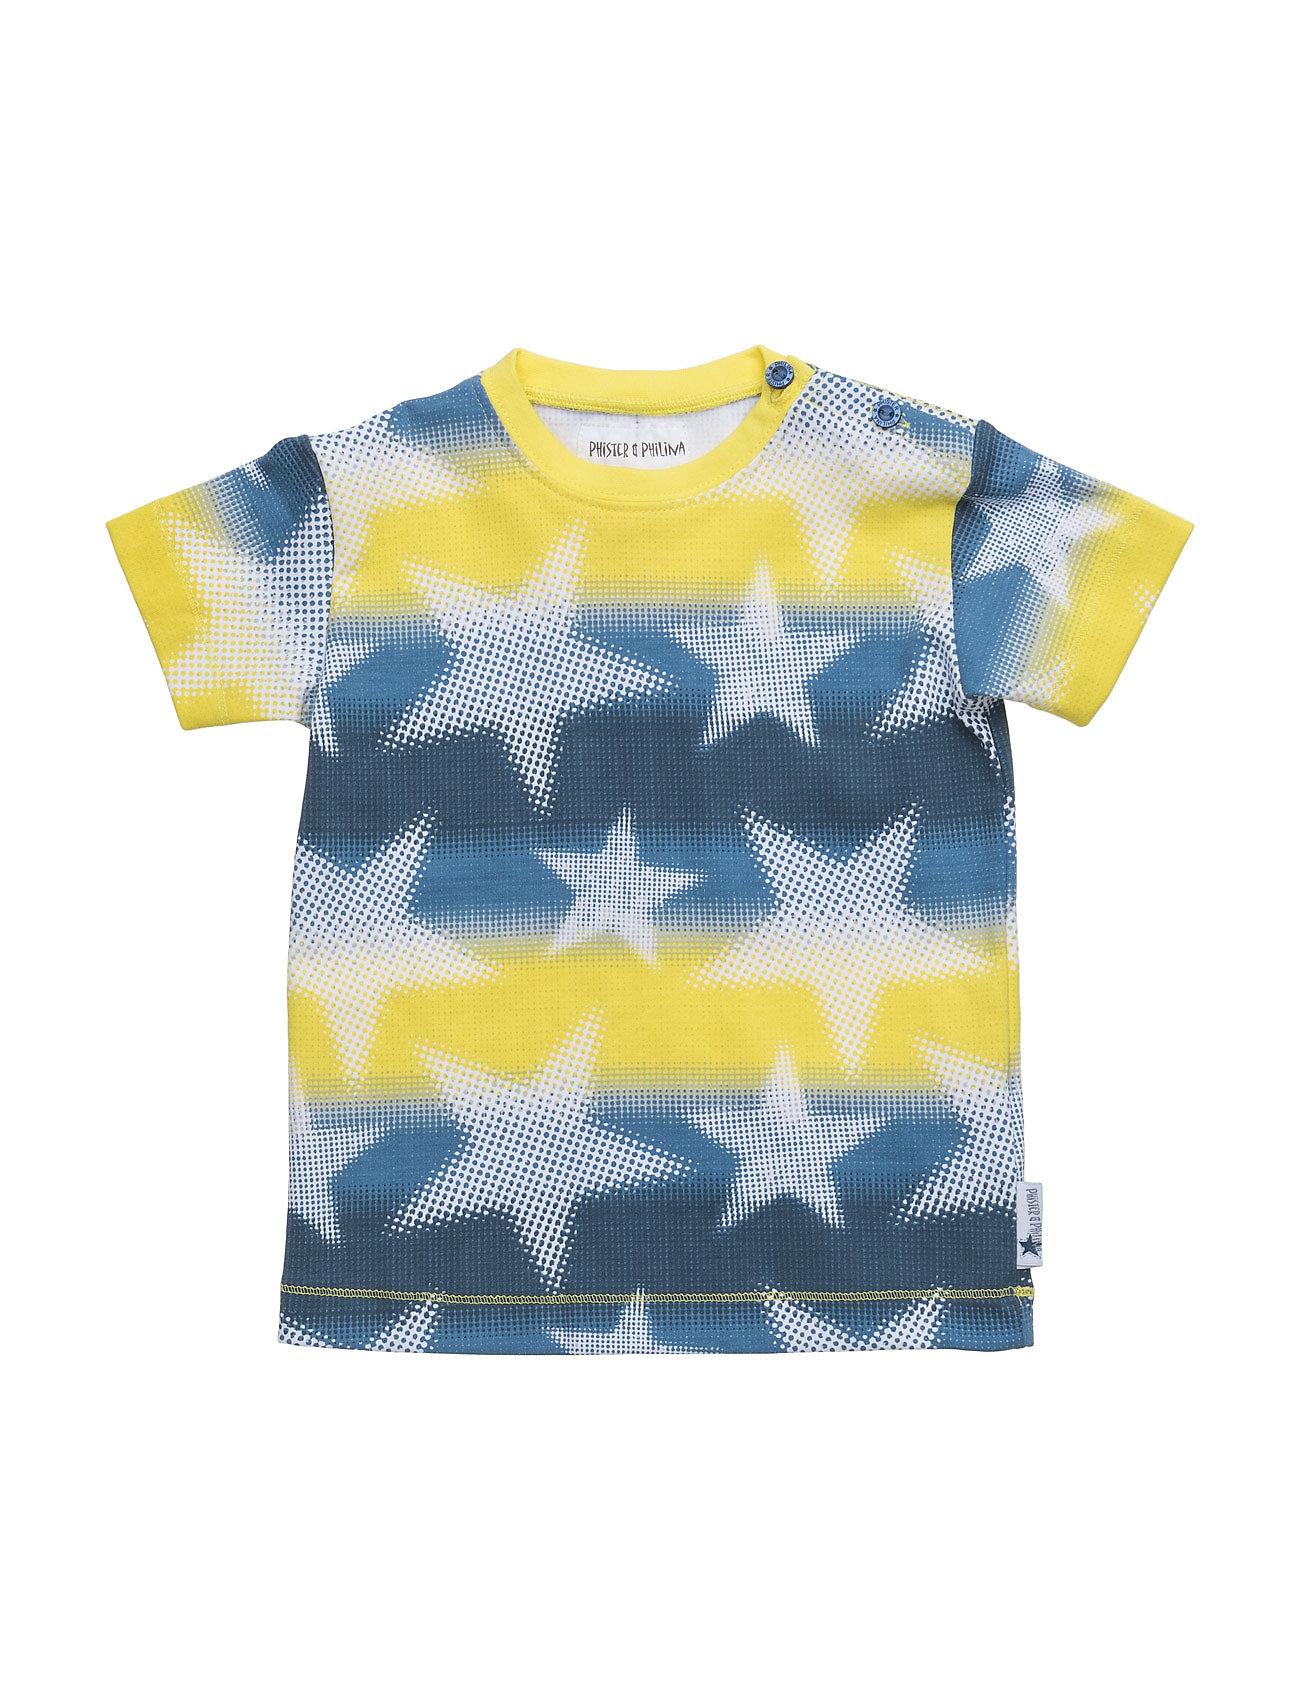 Johnni Star Top Phister & Philina Kortærmede t-shirts til Børn i